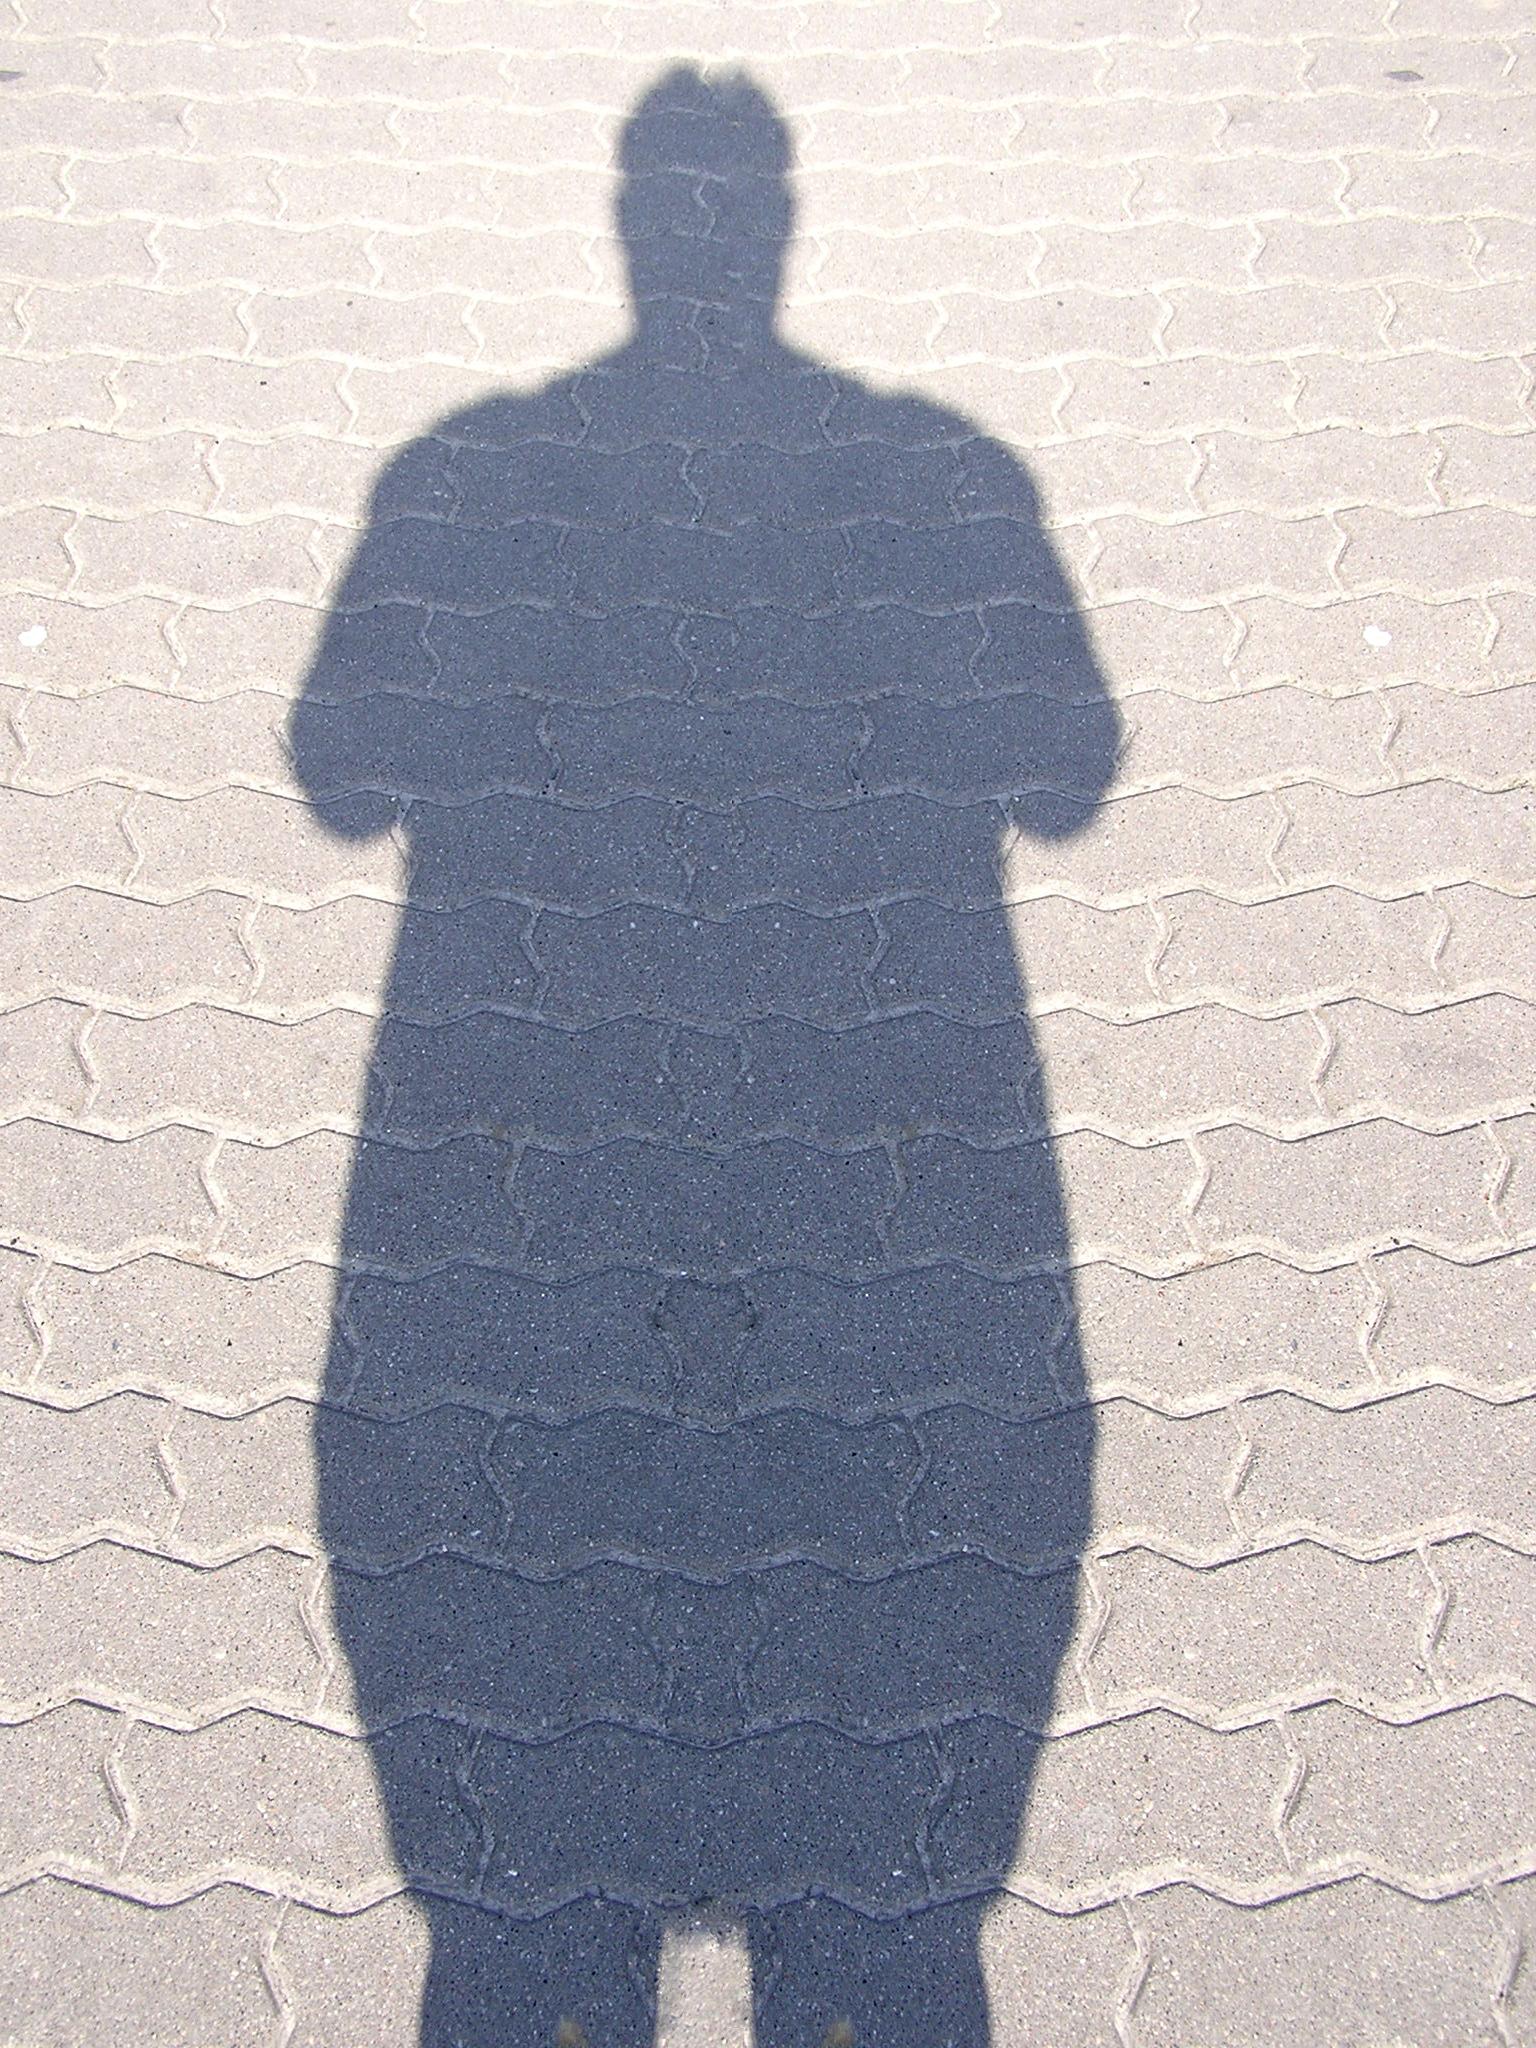 Las enfermedades crónicas y su conexión con la obesidad